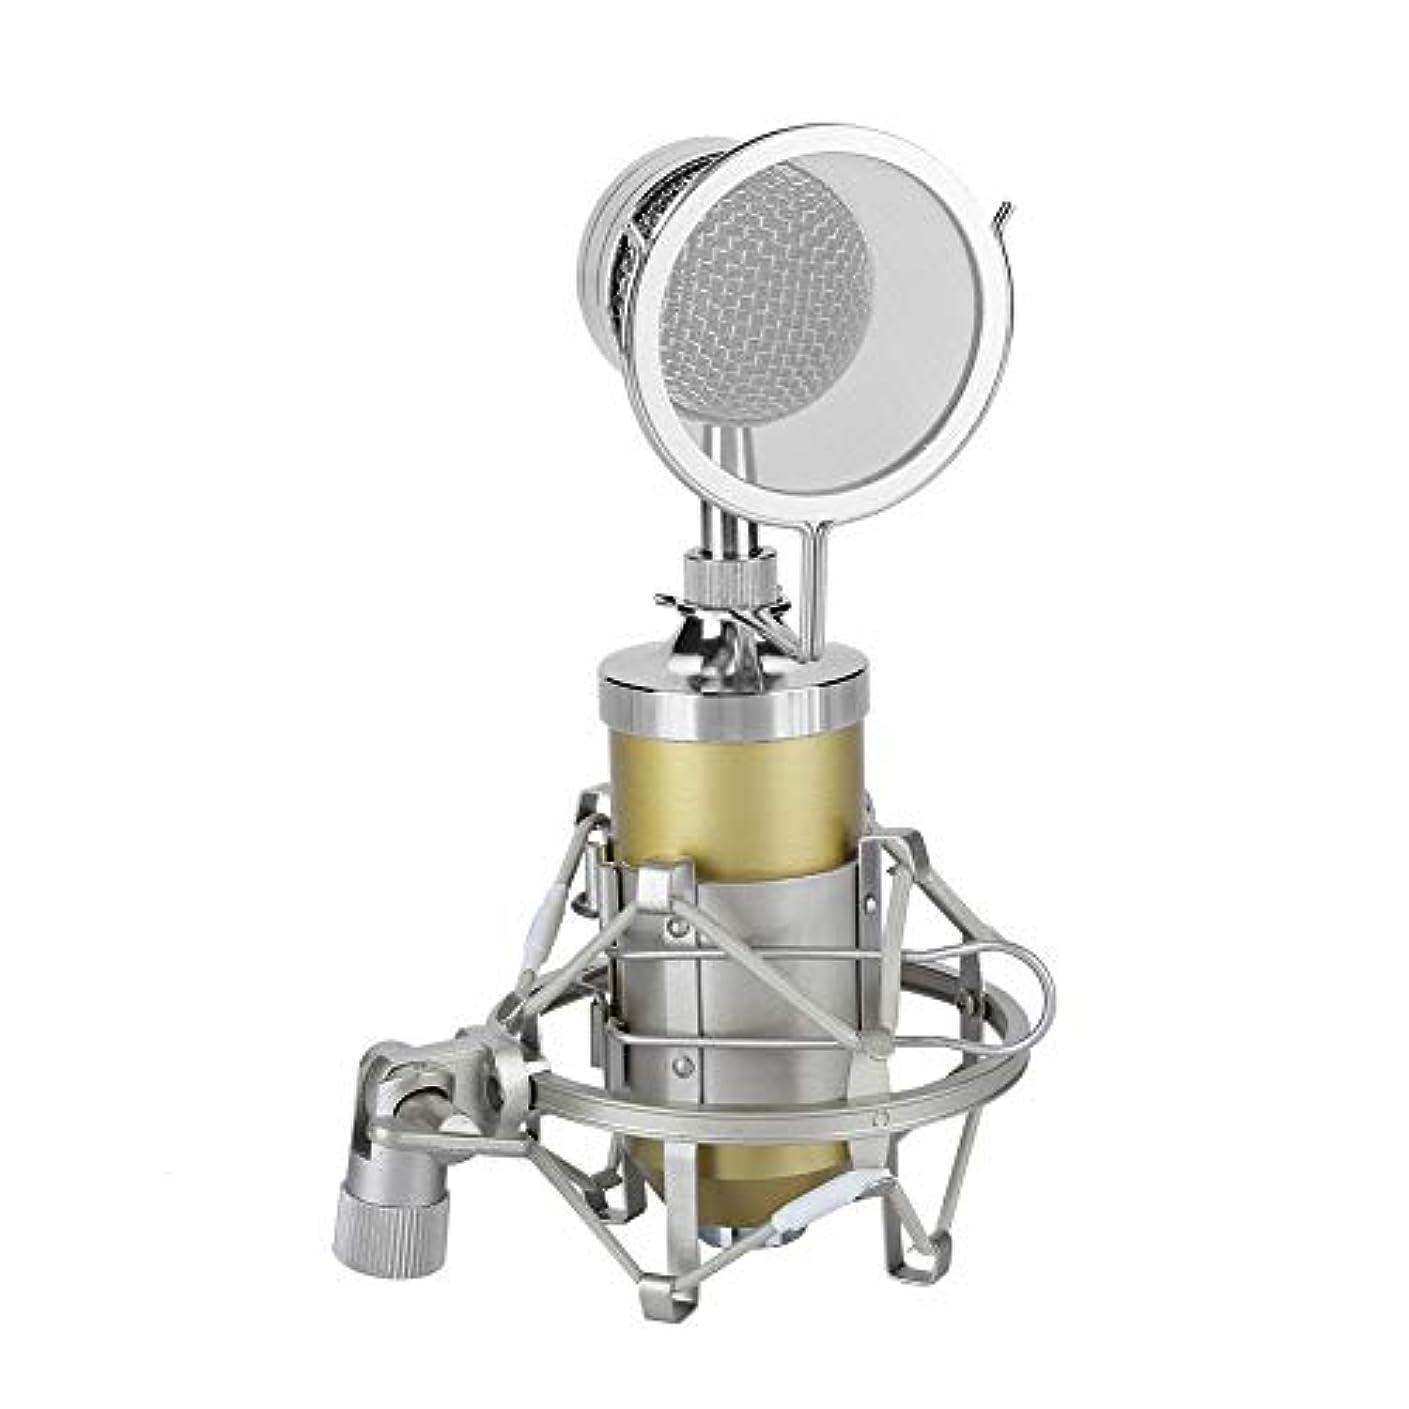 契約するヒップ邪魔するRicher-R コンデンサーマイクロホン スタジオコンデンサーマイクキットセット プロフェッショナルマイク ショックマウント付き ポップシールドフィルター 3.5mmオーディオ